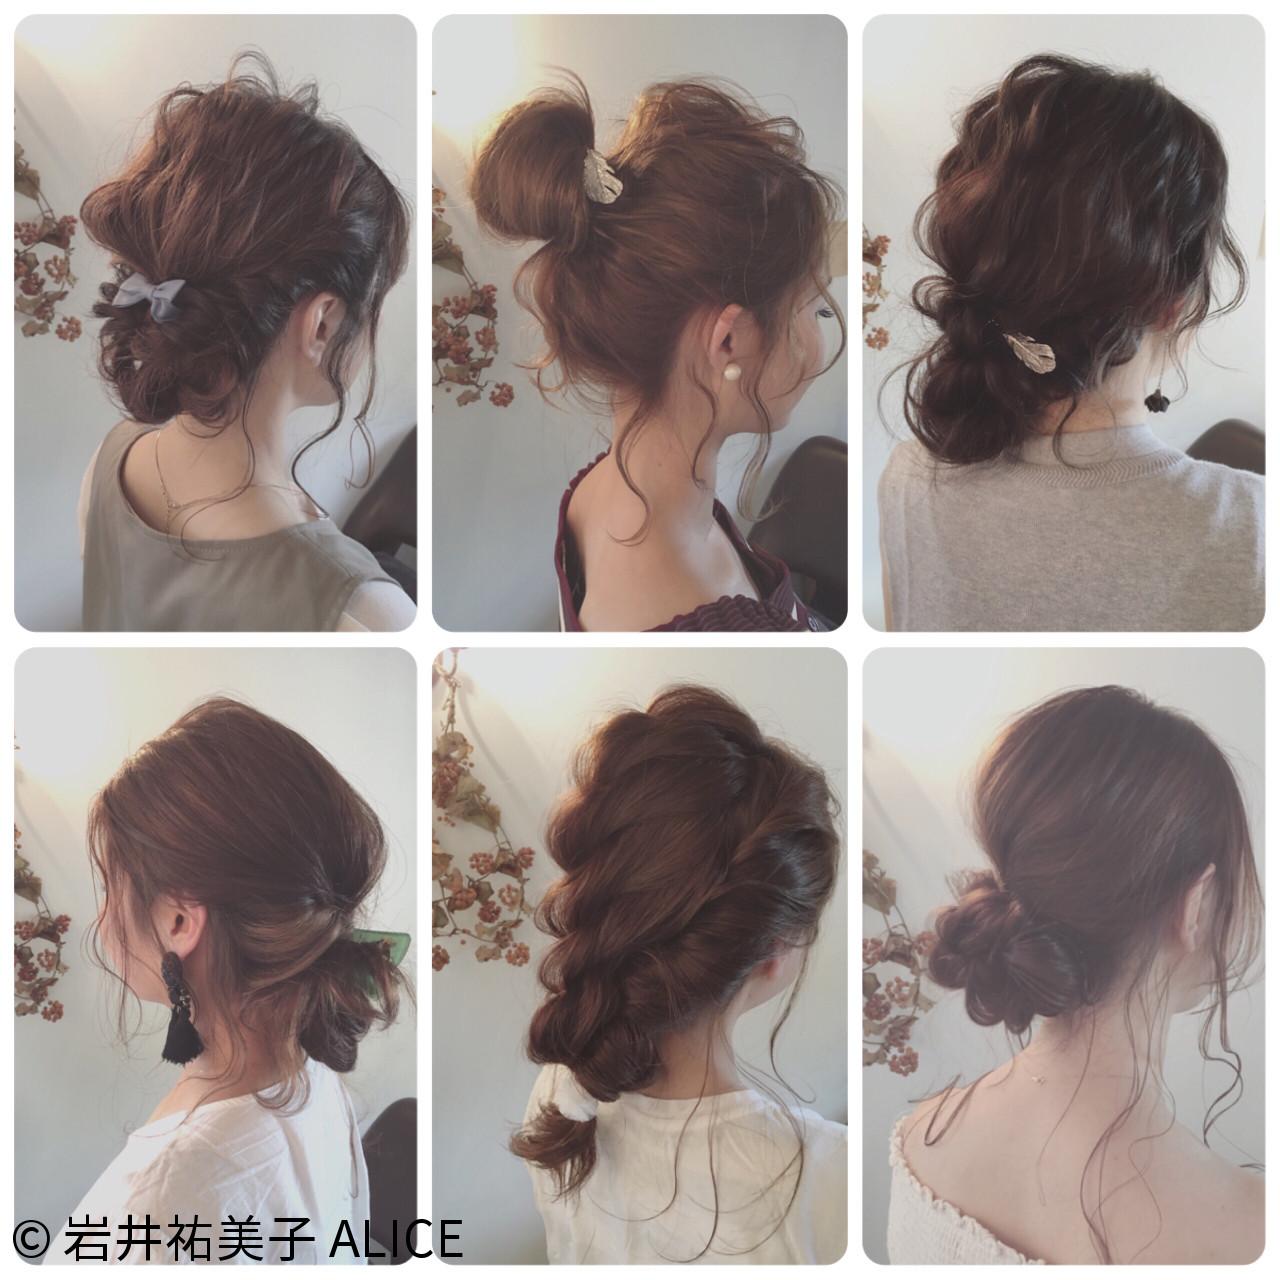 お団子 セミロング 夏 結婚式 ヘアスタイルや髪型の写真・画像 | 岩井祐美子 ALICE / Alice